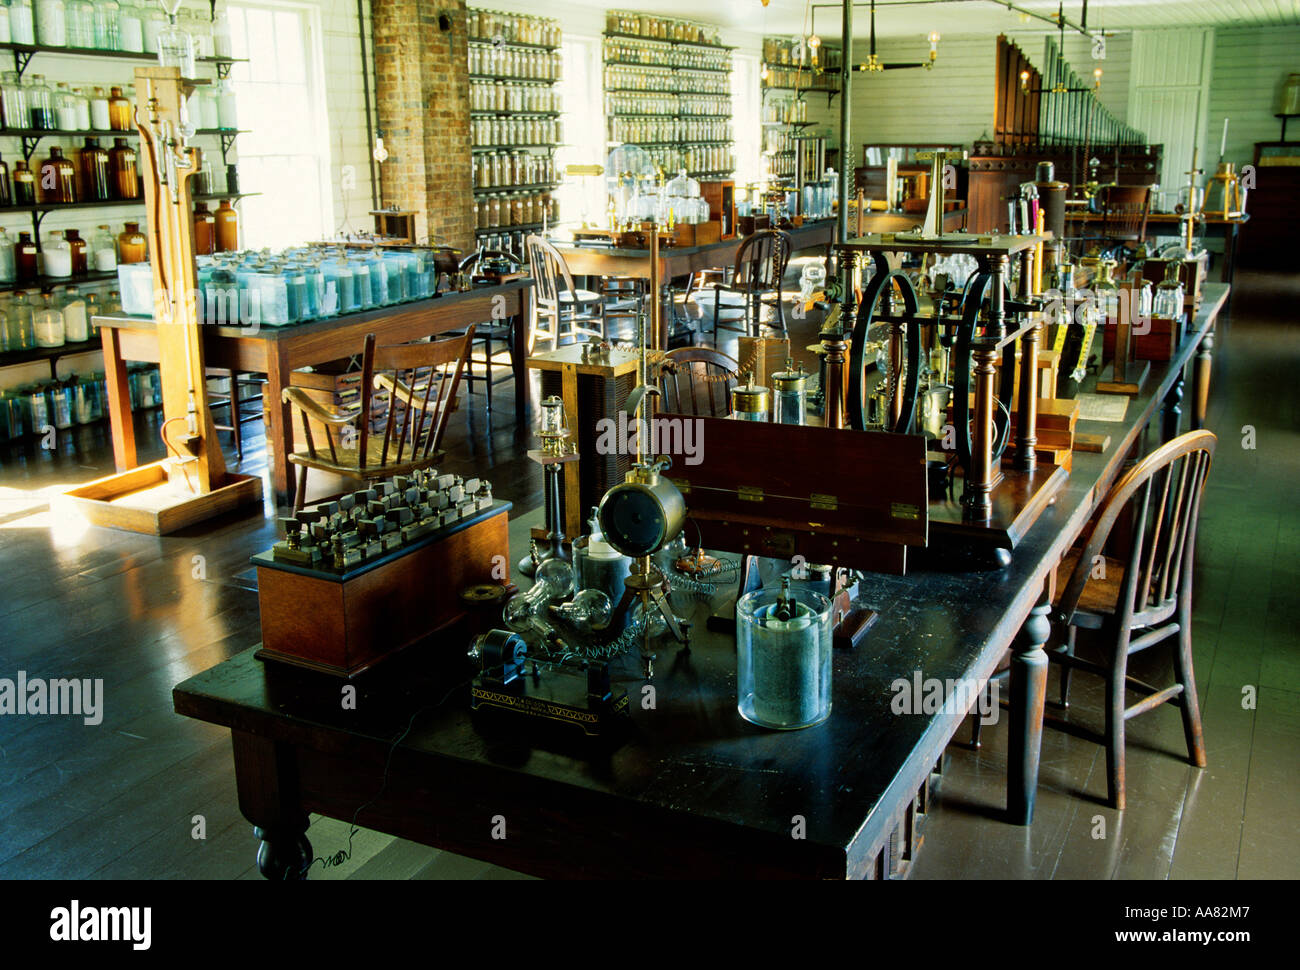 Thomas Edison Laboratorio de Menlo Park replicados en el Henry Ford, Greenfield Village, Dearborn, Michigan, EE.UU. Foto de stock